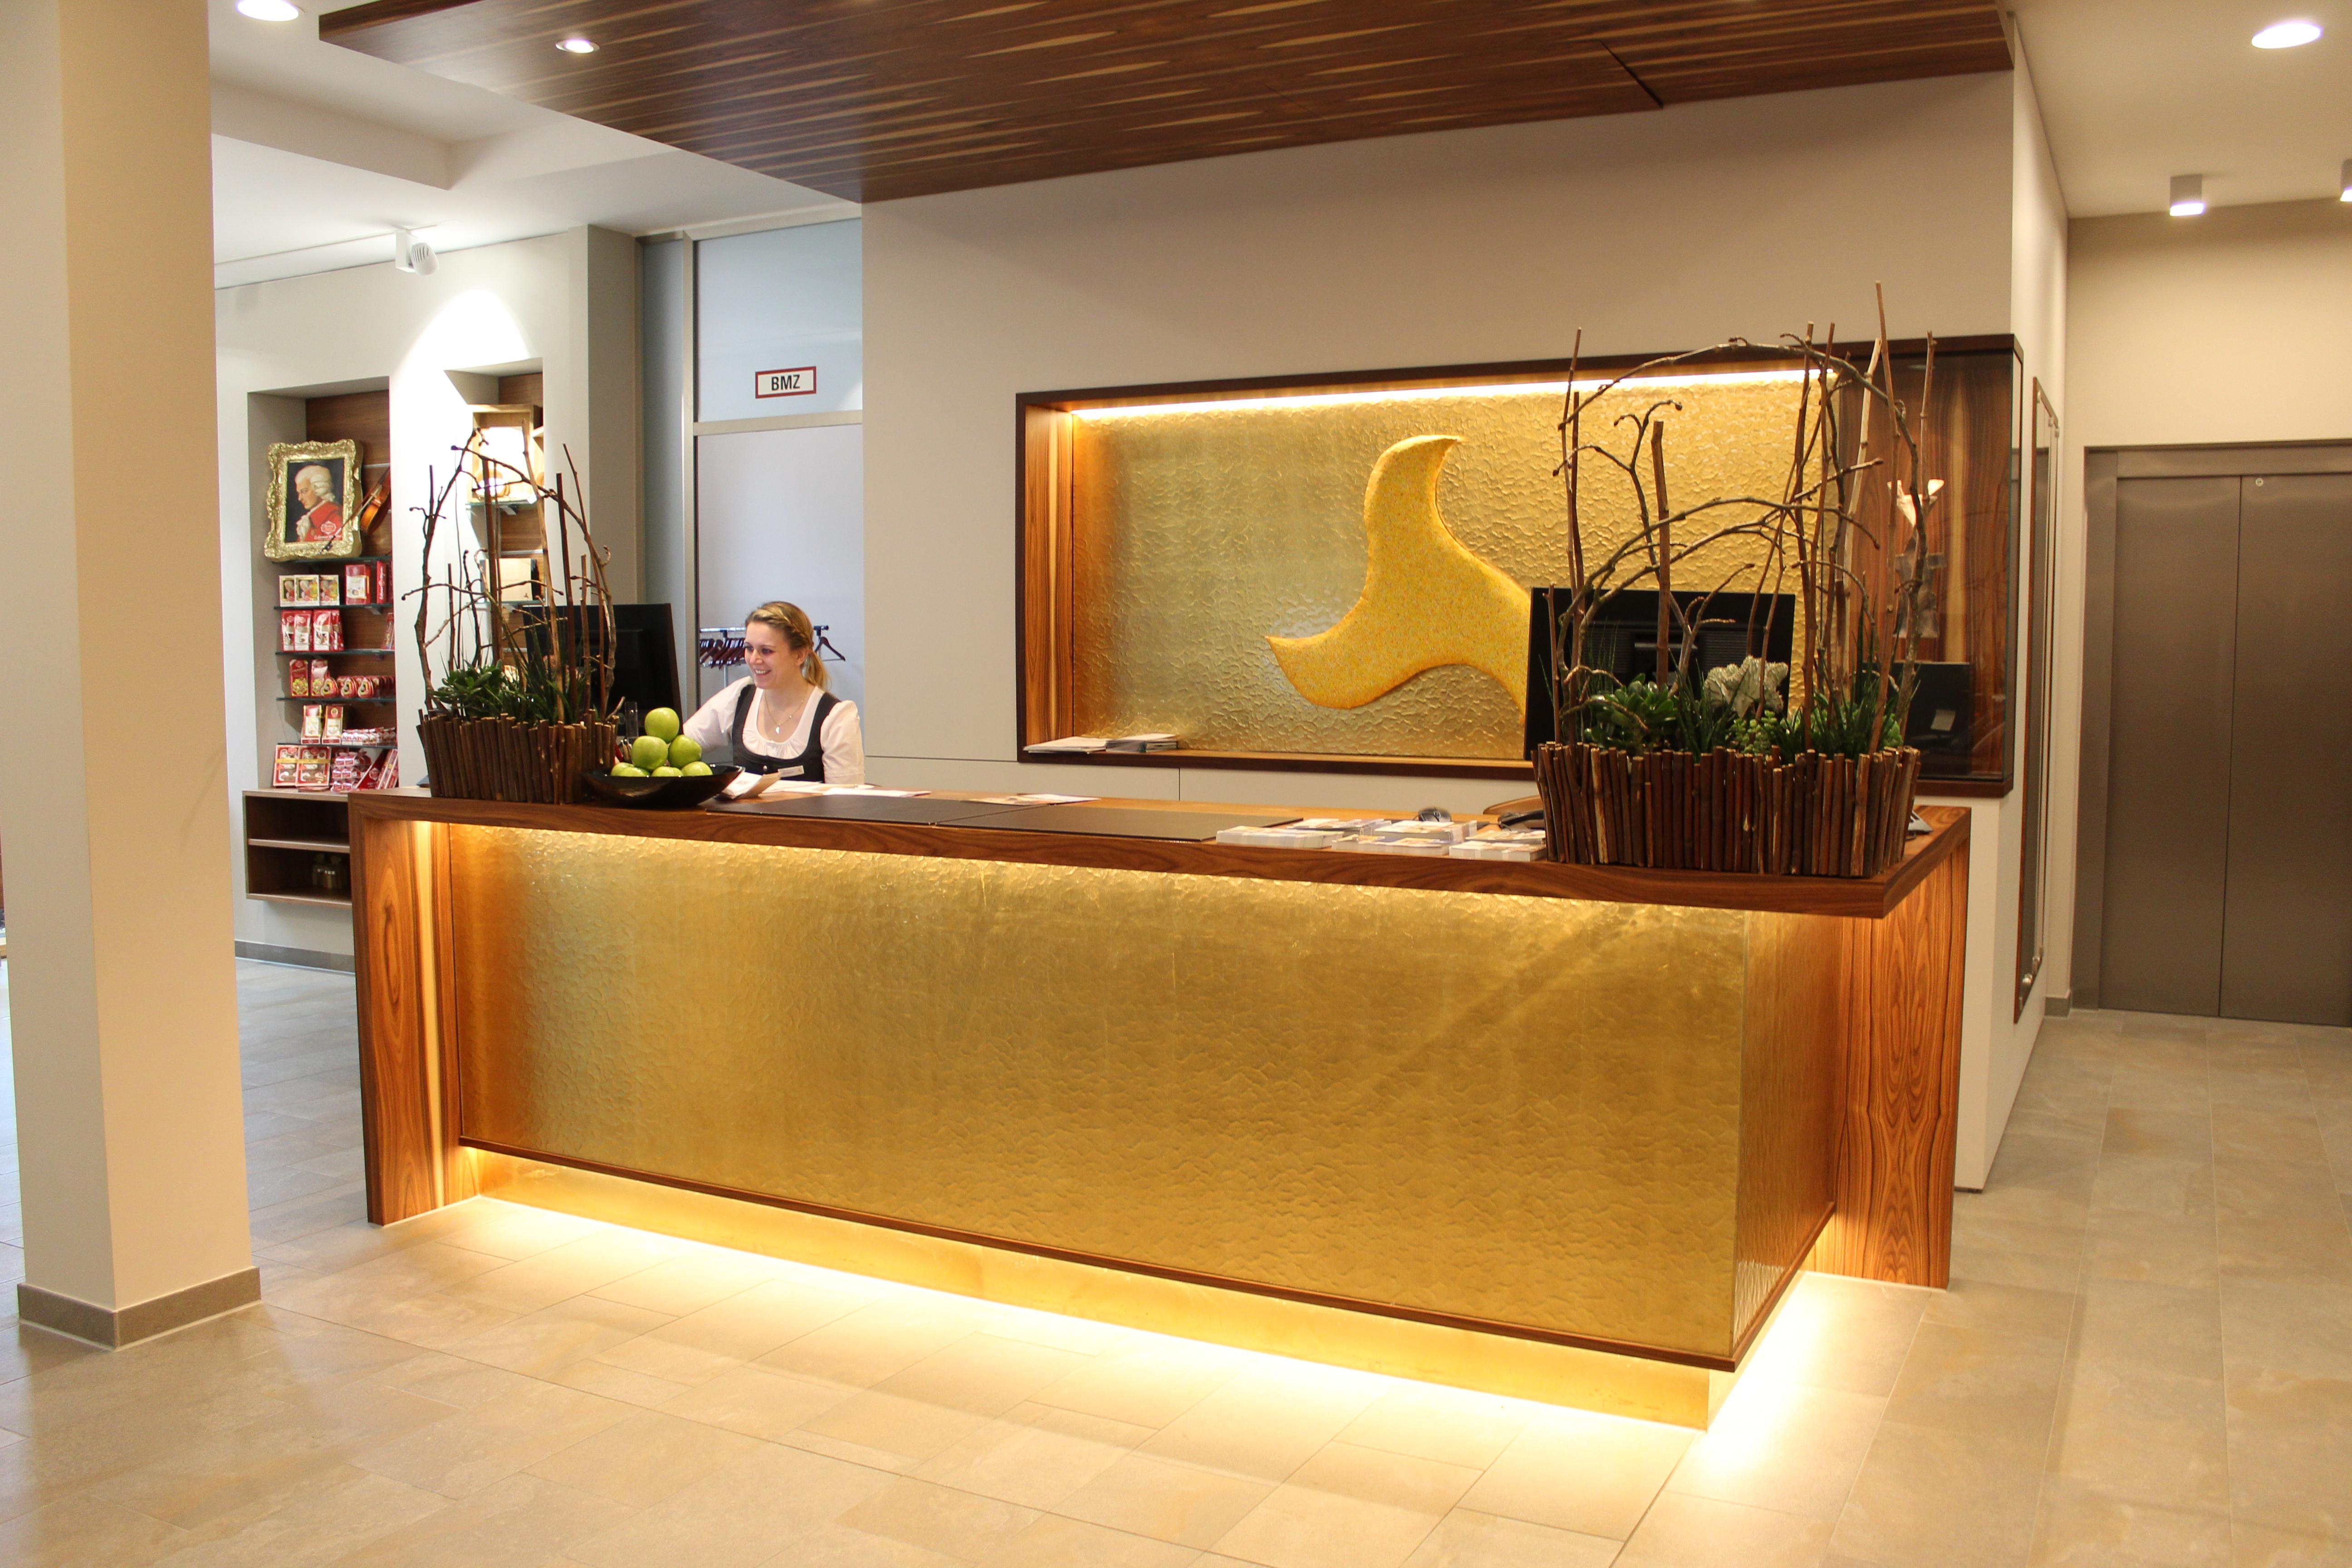 arbeiten im wellness heaven klosterhof premium hotel health resort in bayerisch gmain. Black Bedroom Furniture Sets. Home Design Ideas